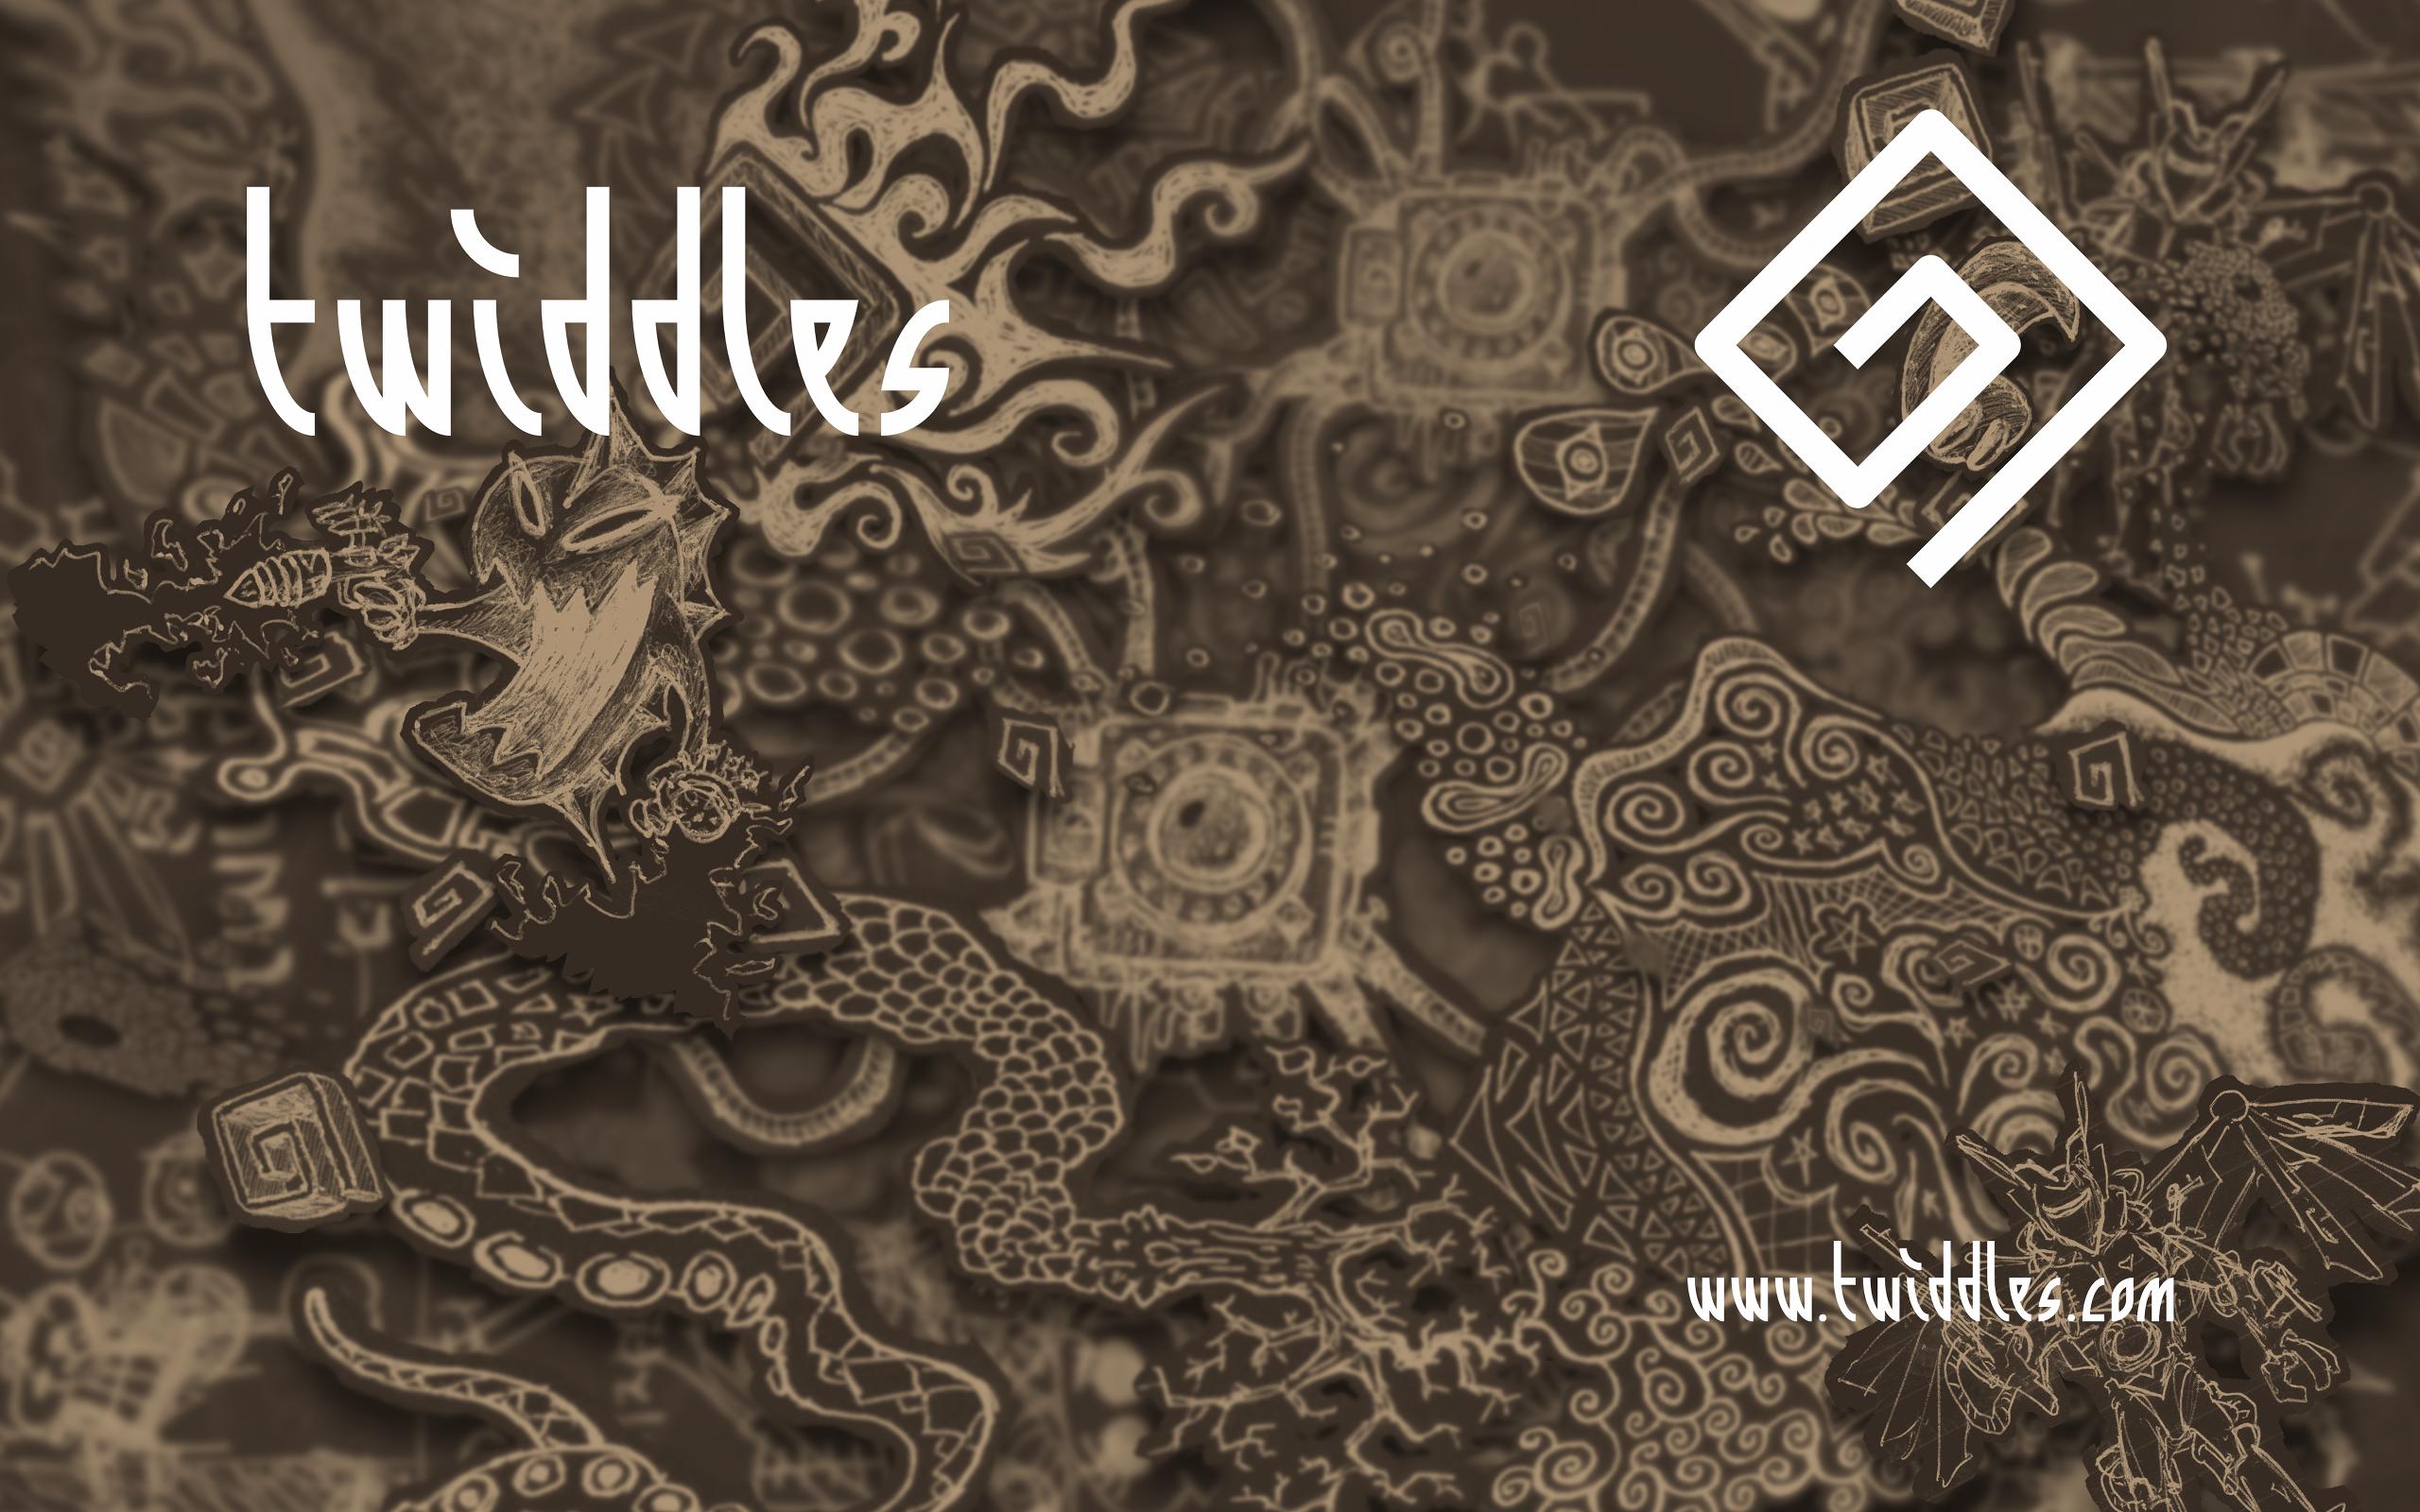 Twiddles Doodle Invert